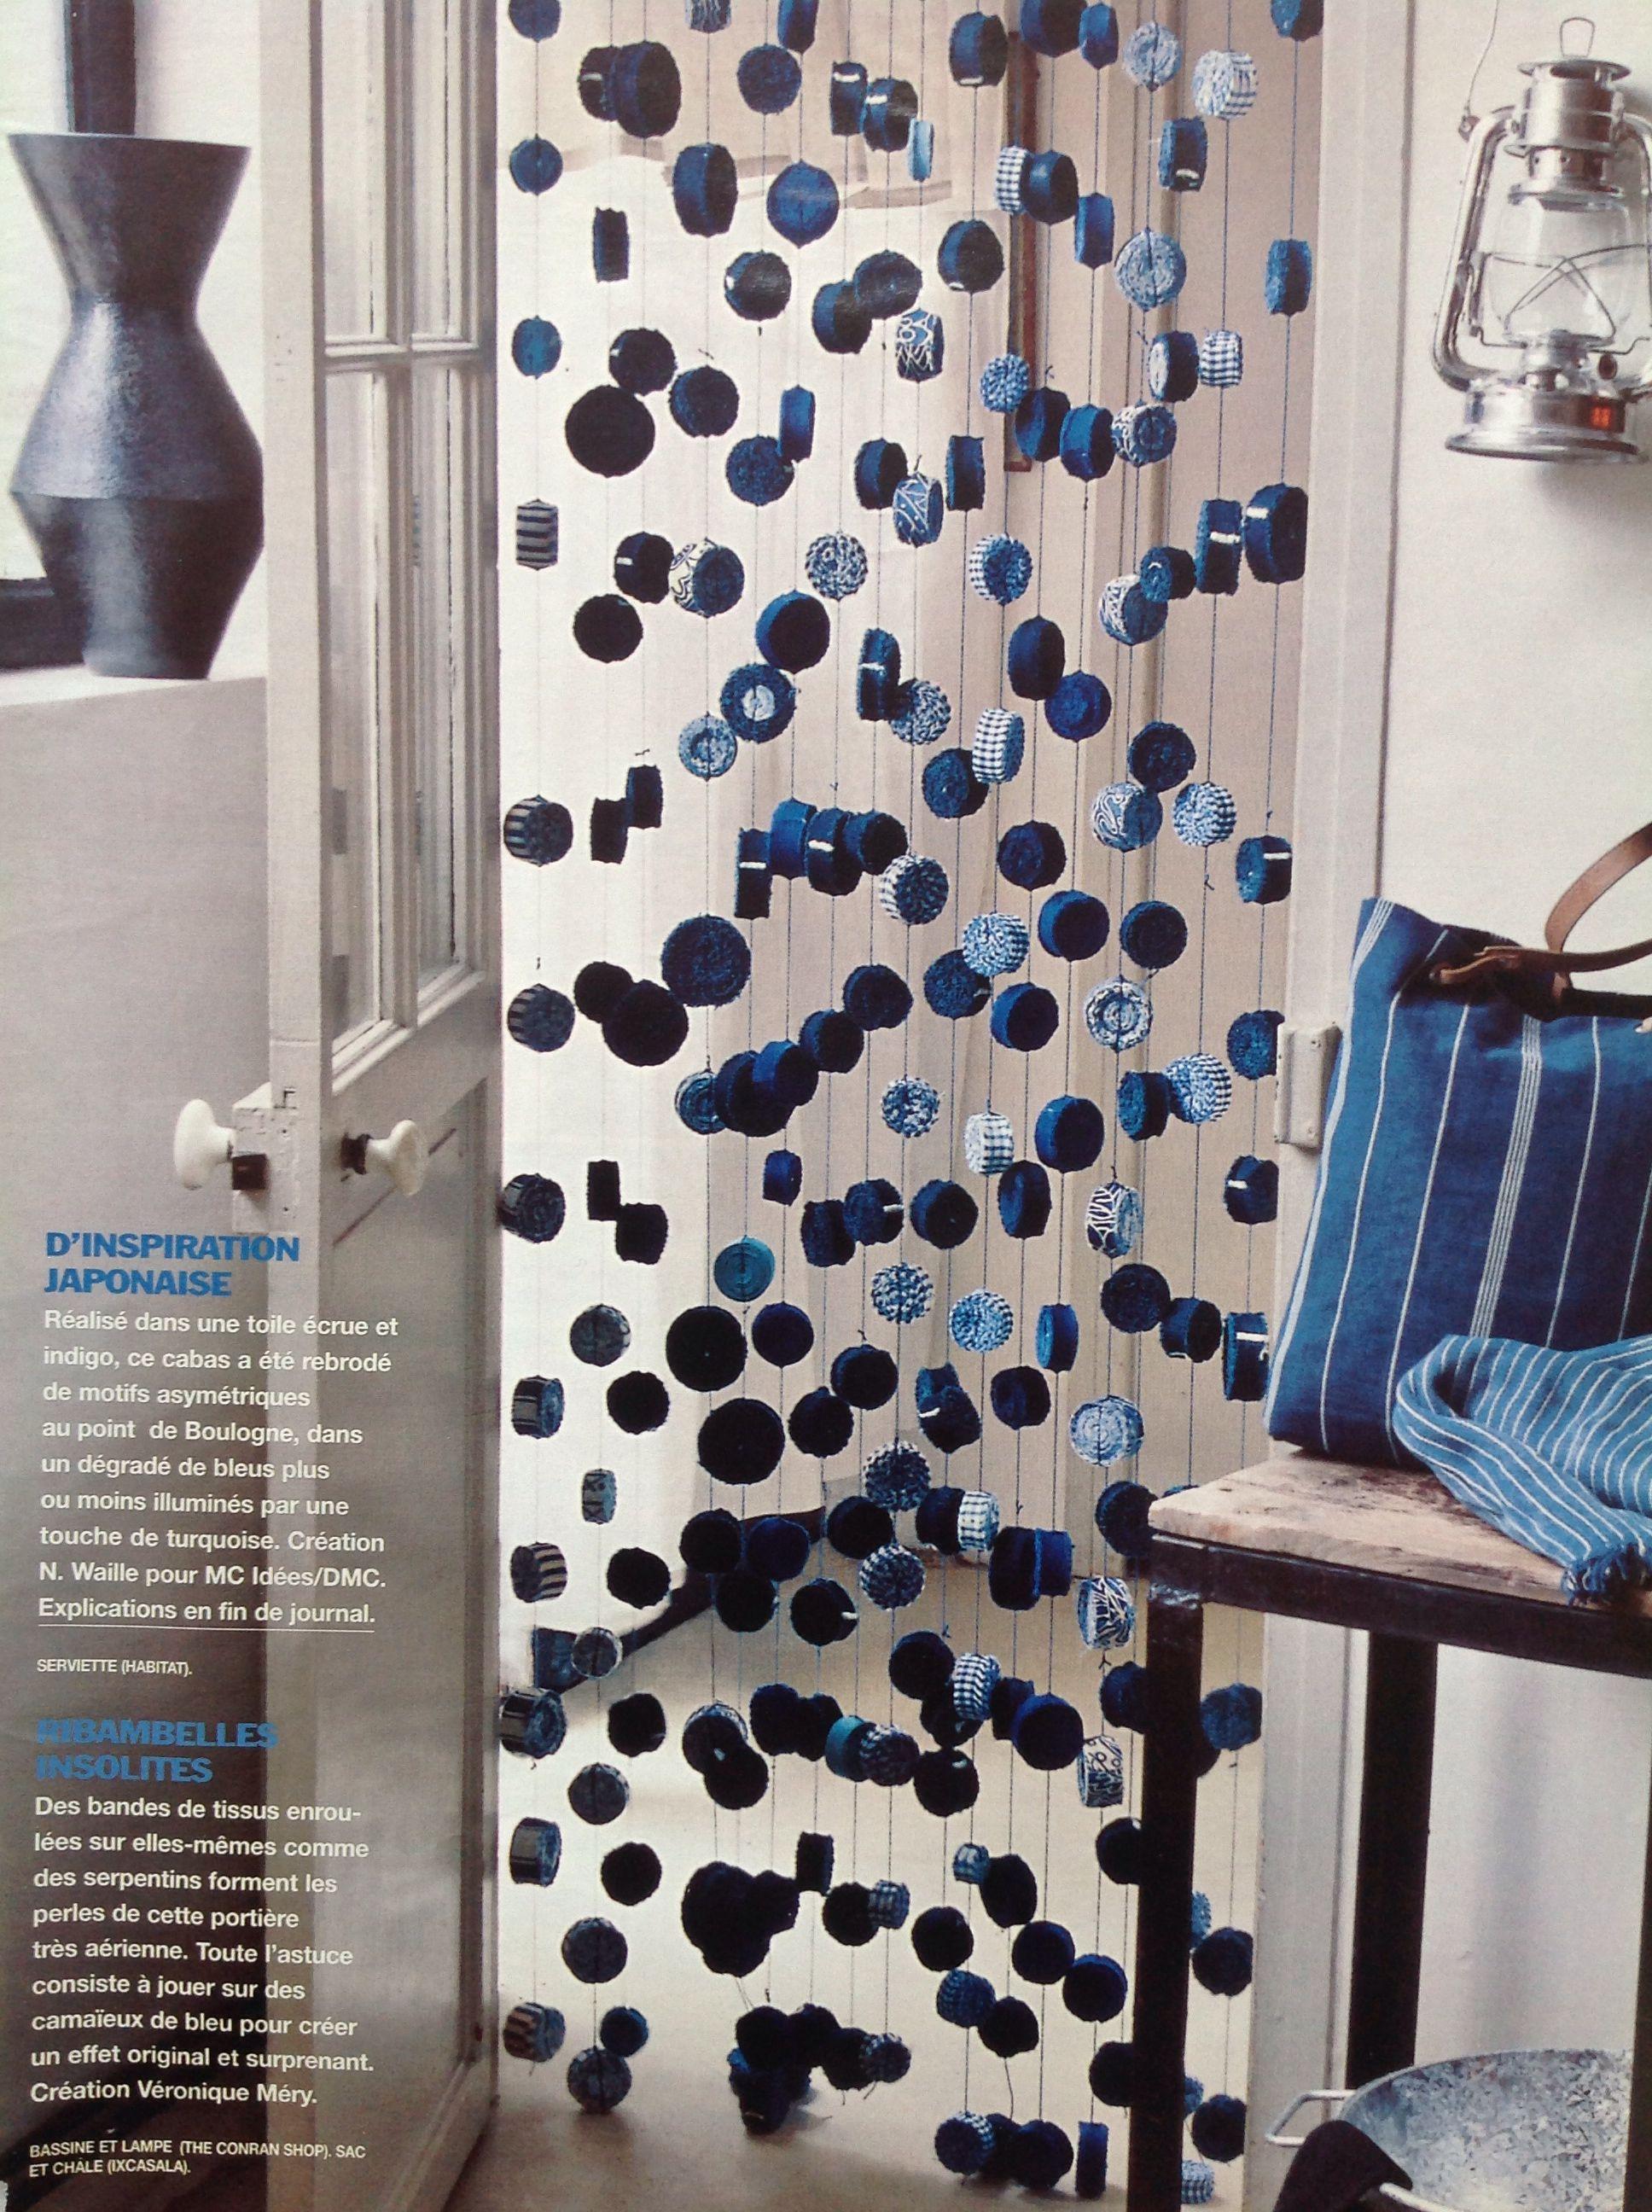 Création De Rideaux Originaux maison créative - rideaux en bandes de tissu enroulées